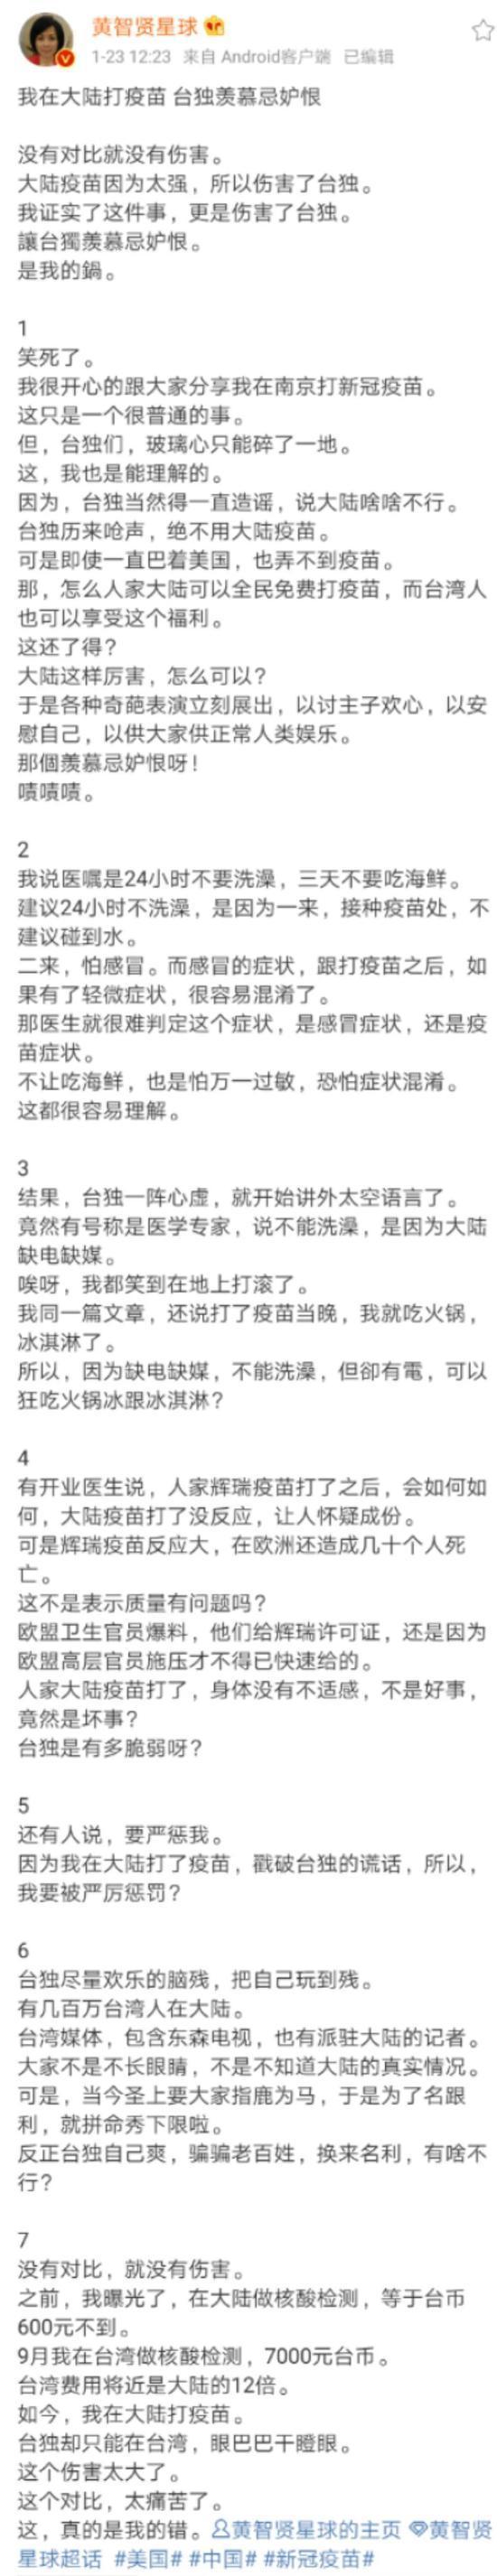 图源:黄智贤微博